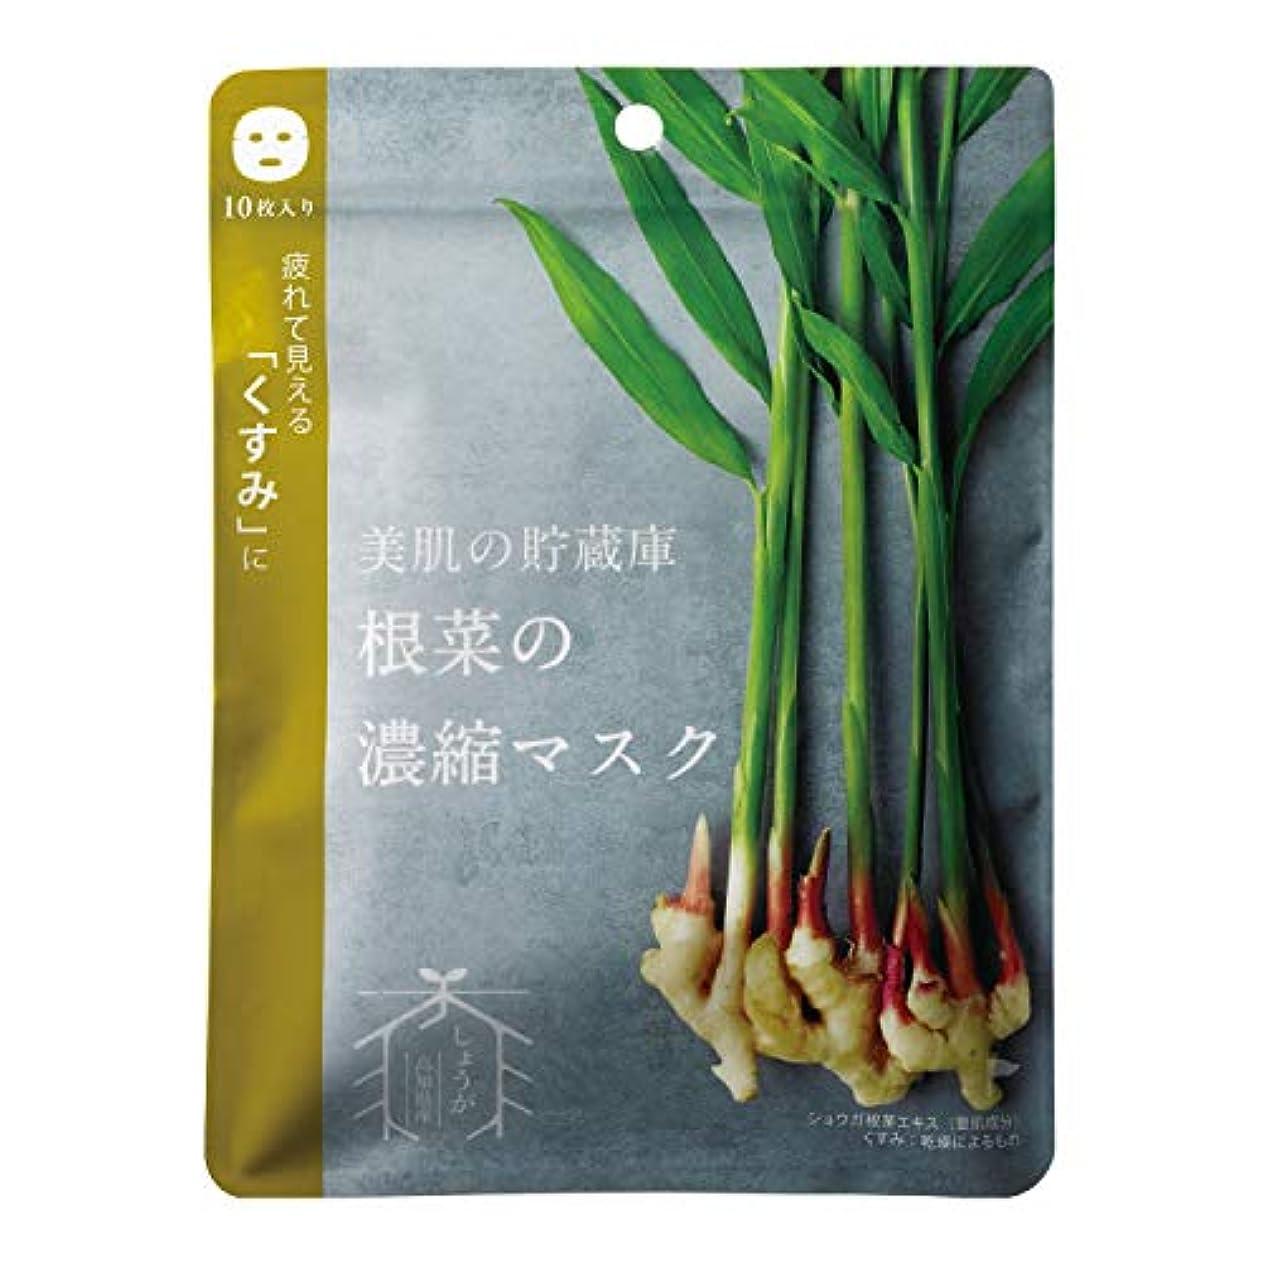 レンチ軽食分散@cosme nippon 美肌の貯蔵庫 根菜の濃縮マスク 土佐一しょうが 10枚 160ml